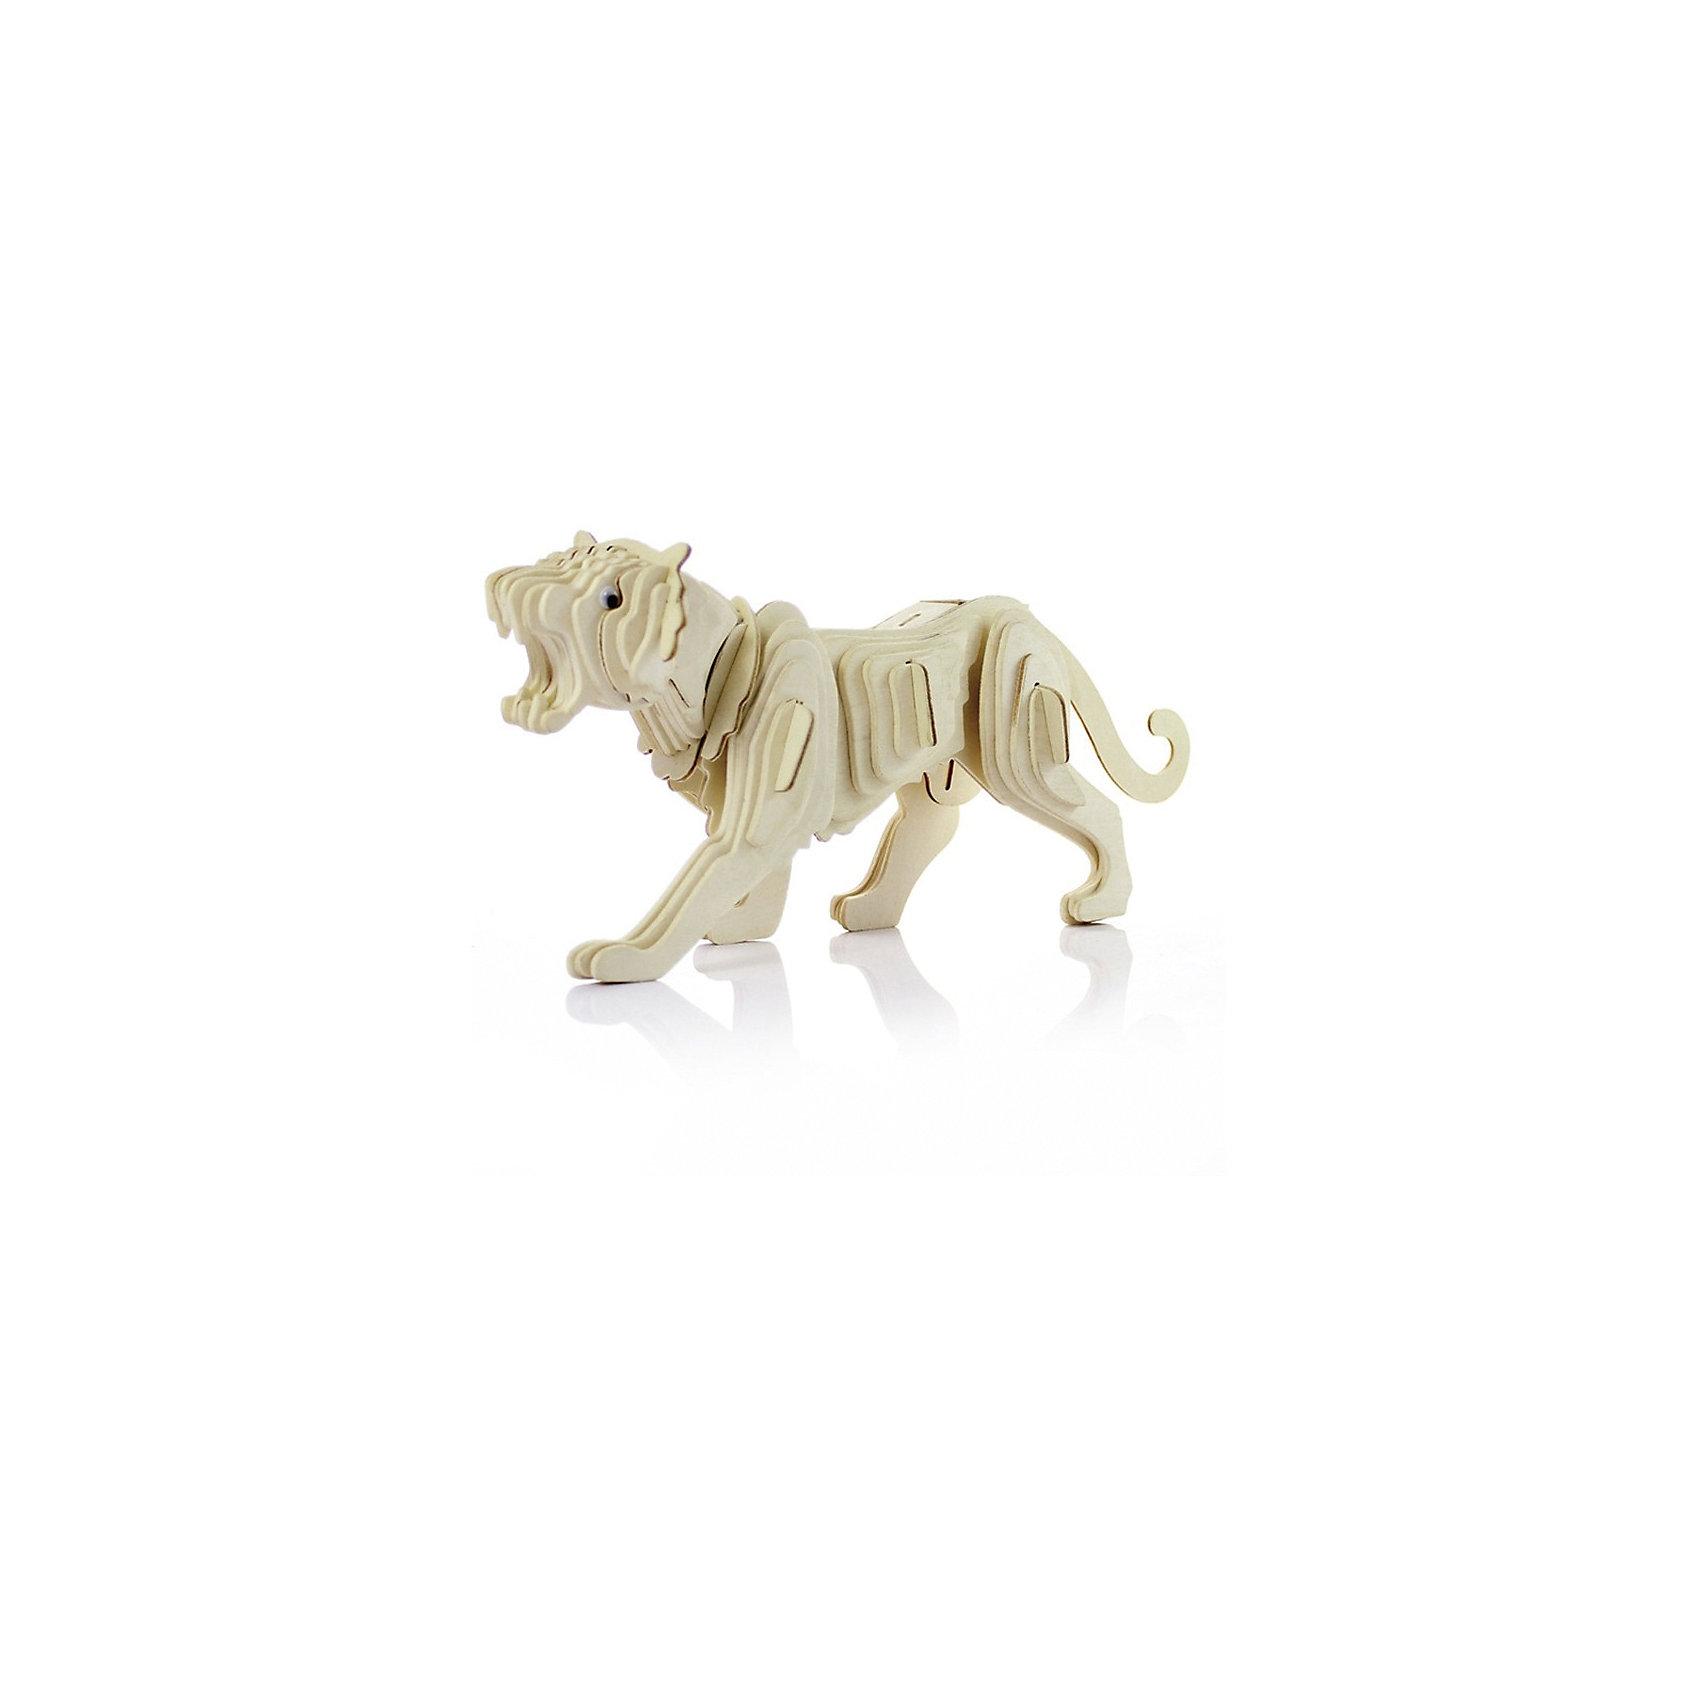 МДИ Тигр (серия М), Мир деревянных игрушек игрушка мир деревянных игрушек лабиринт слон д345